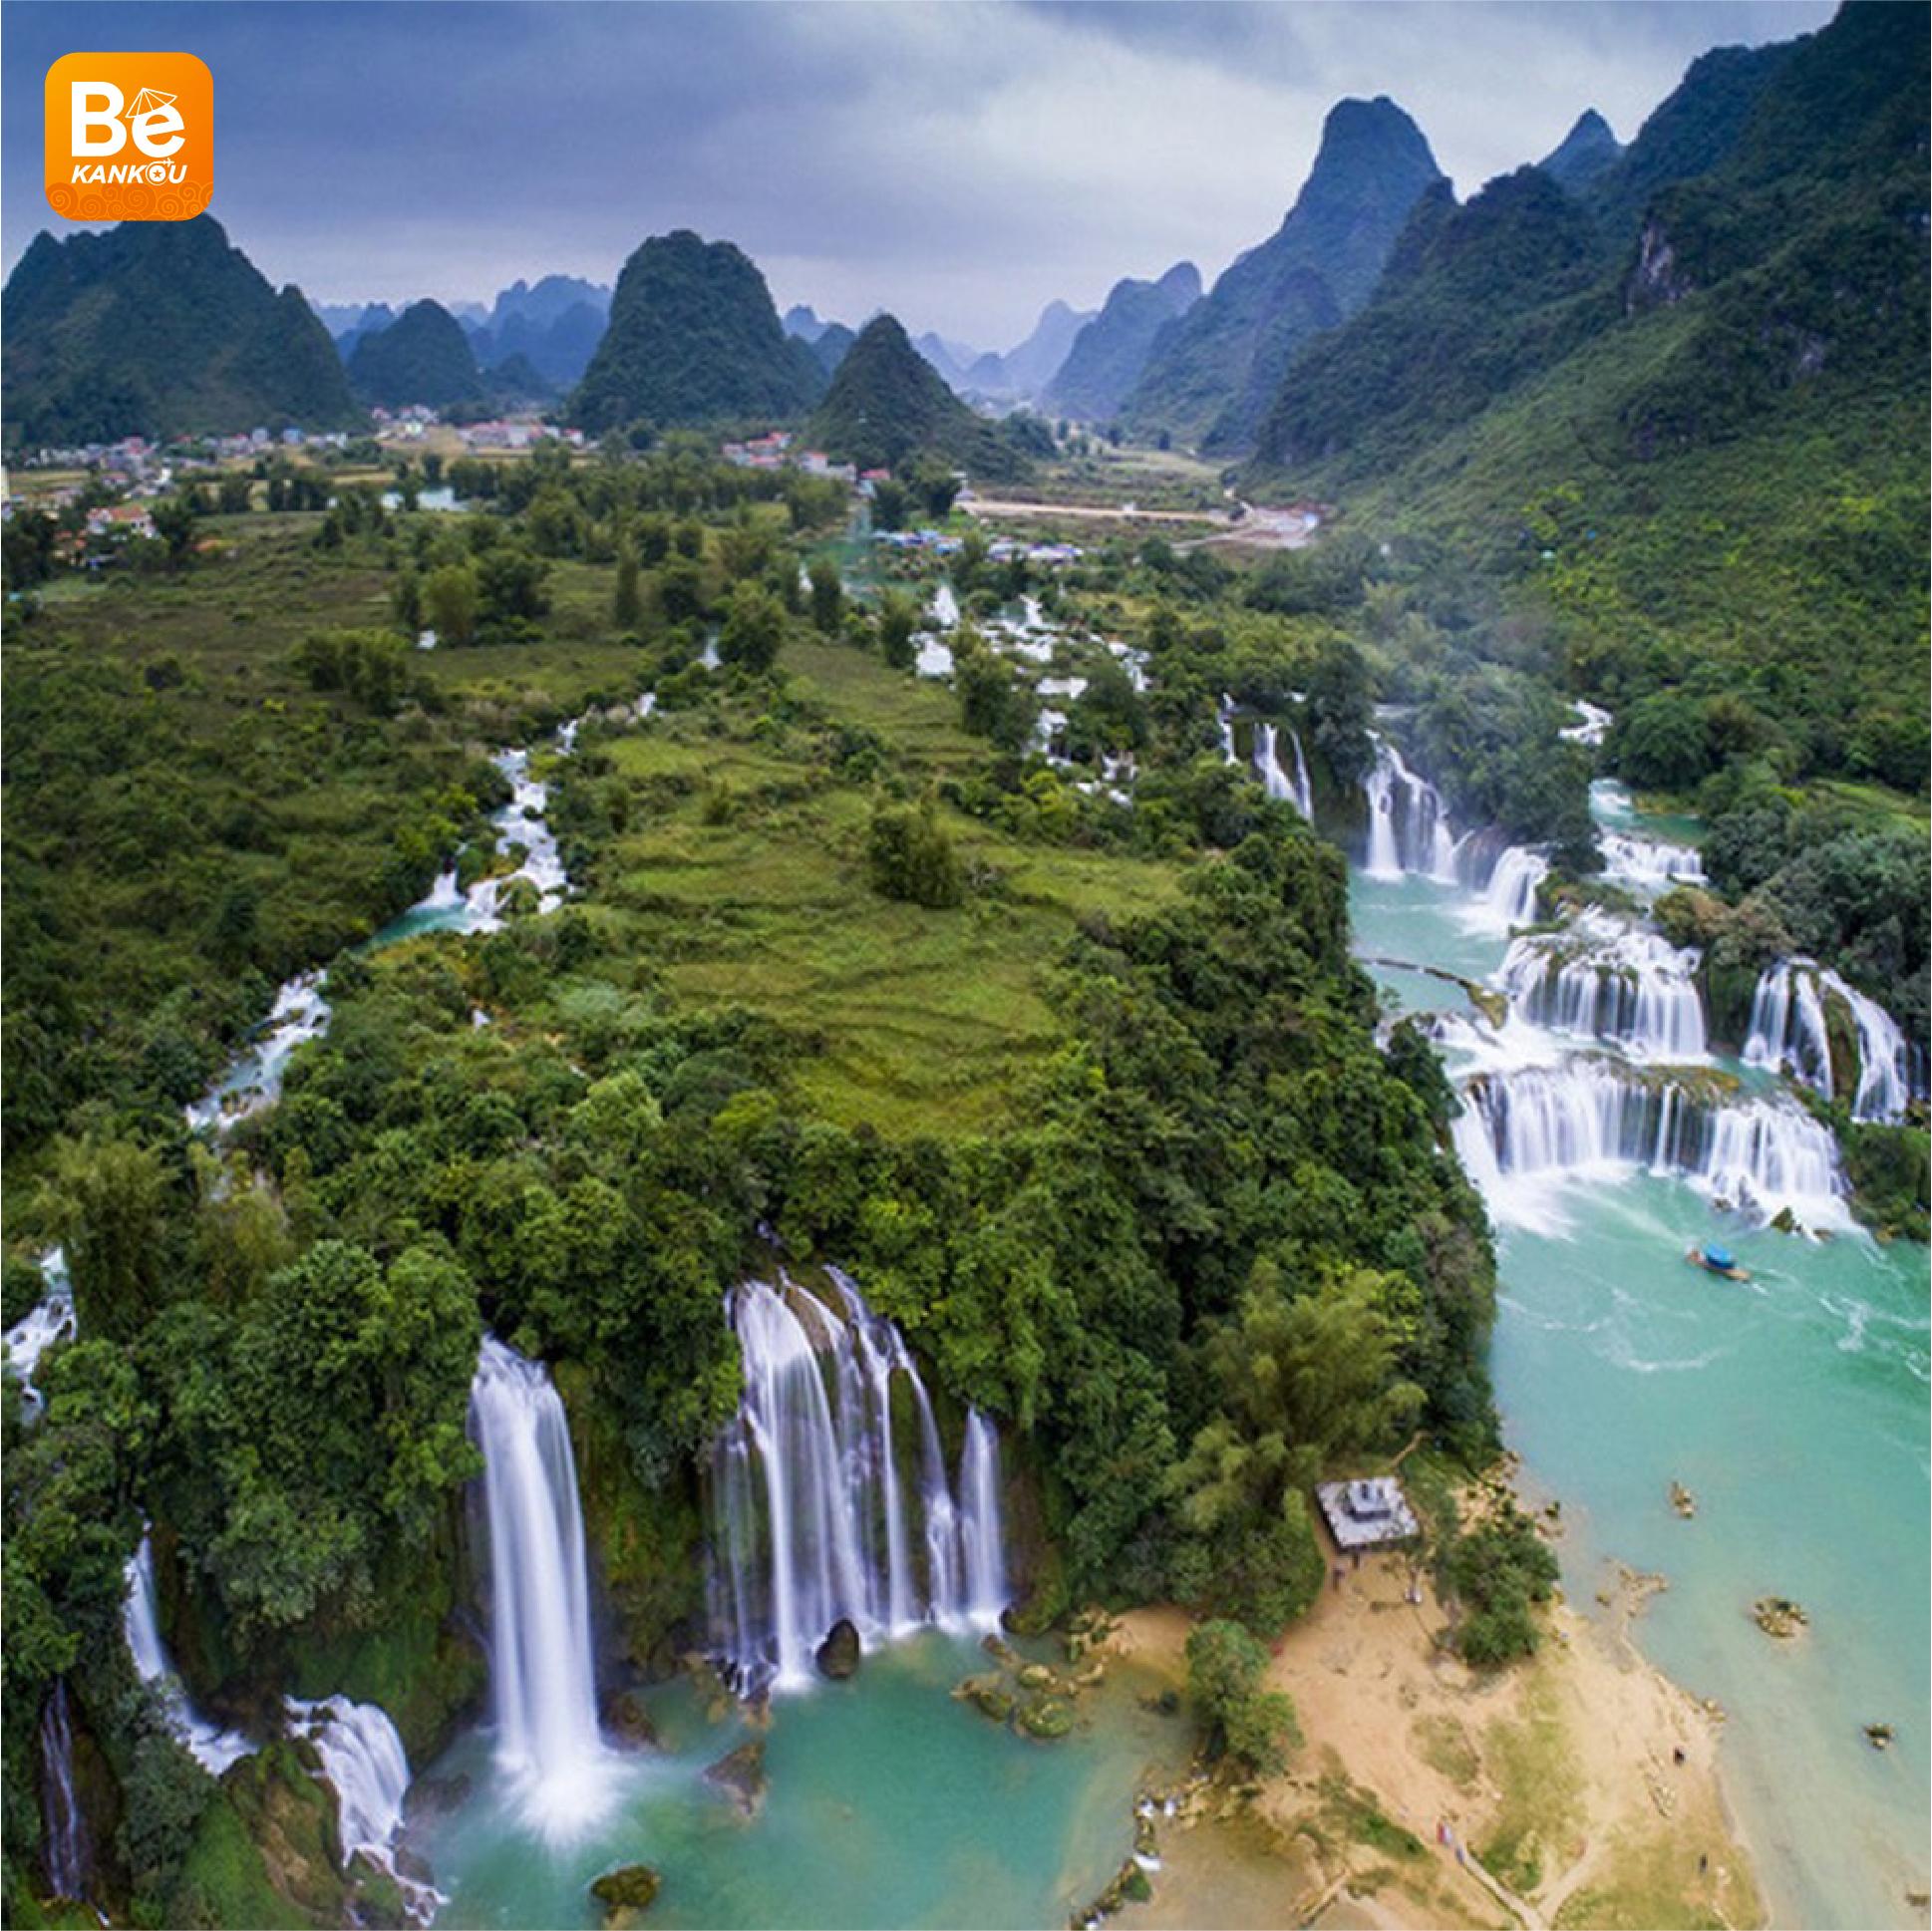 多くの興味深い活動を伴う特別なバンゾック(Thac Ban Gioc)滝祭り-12